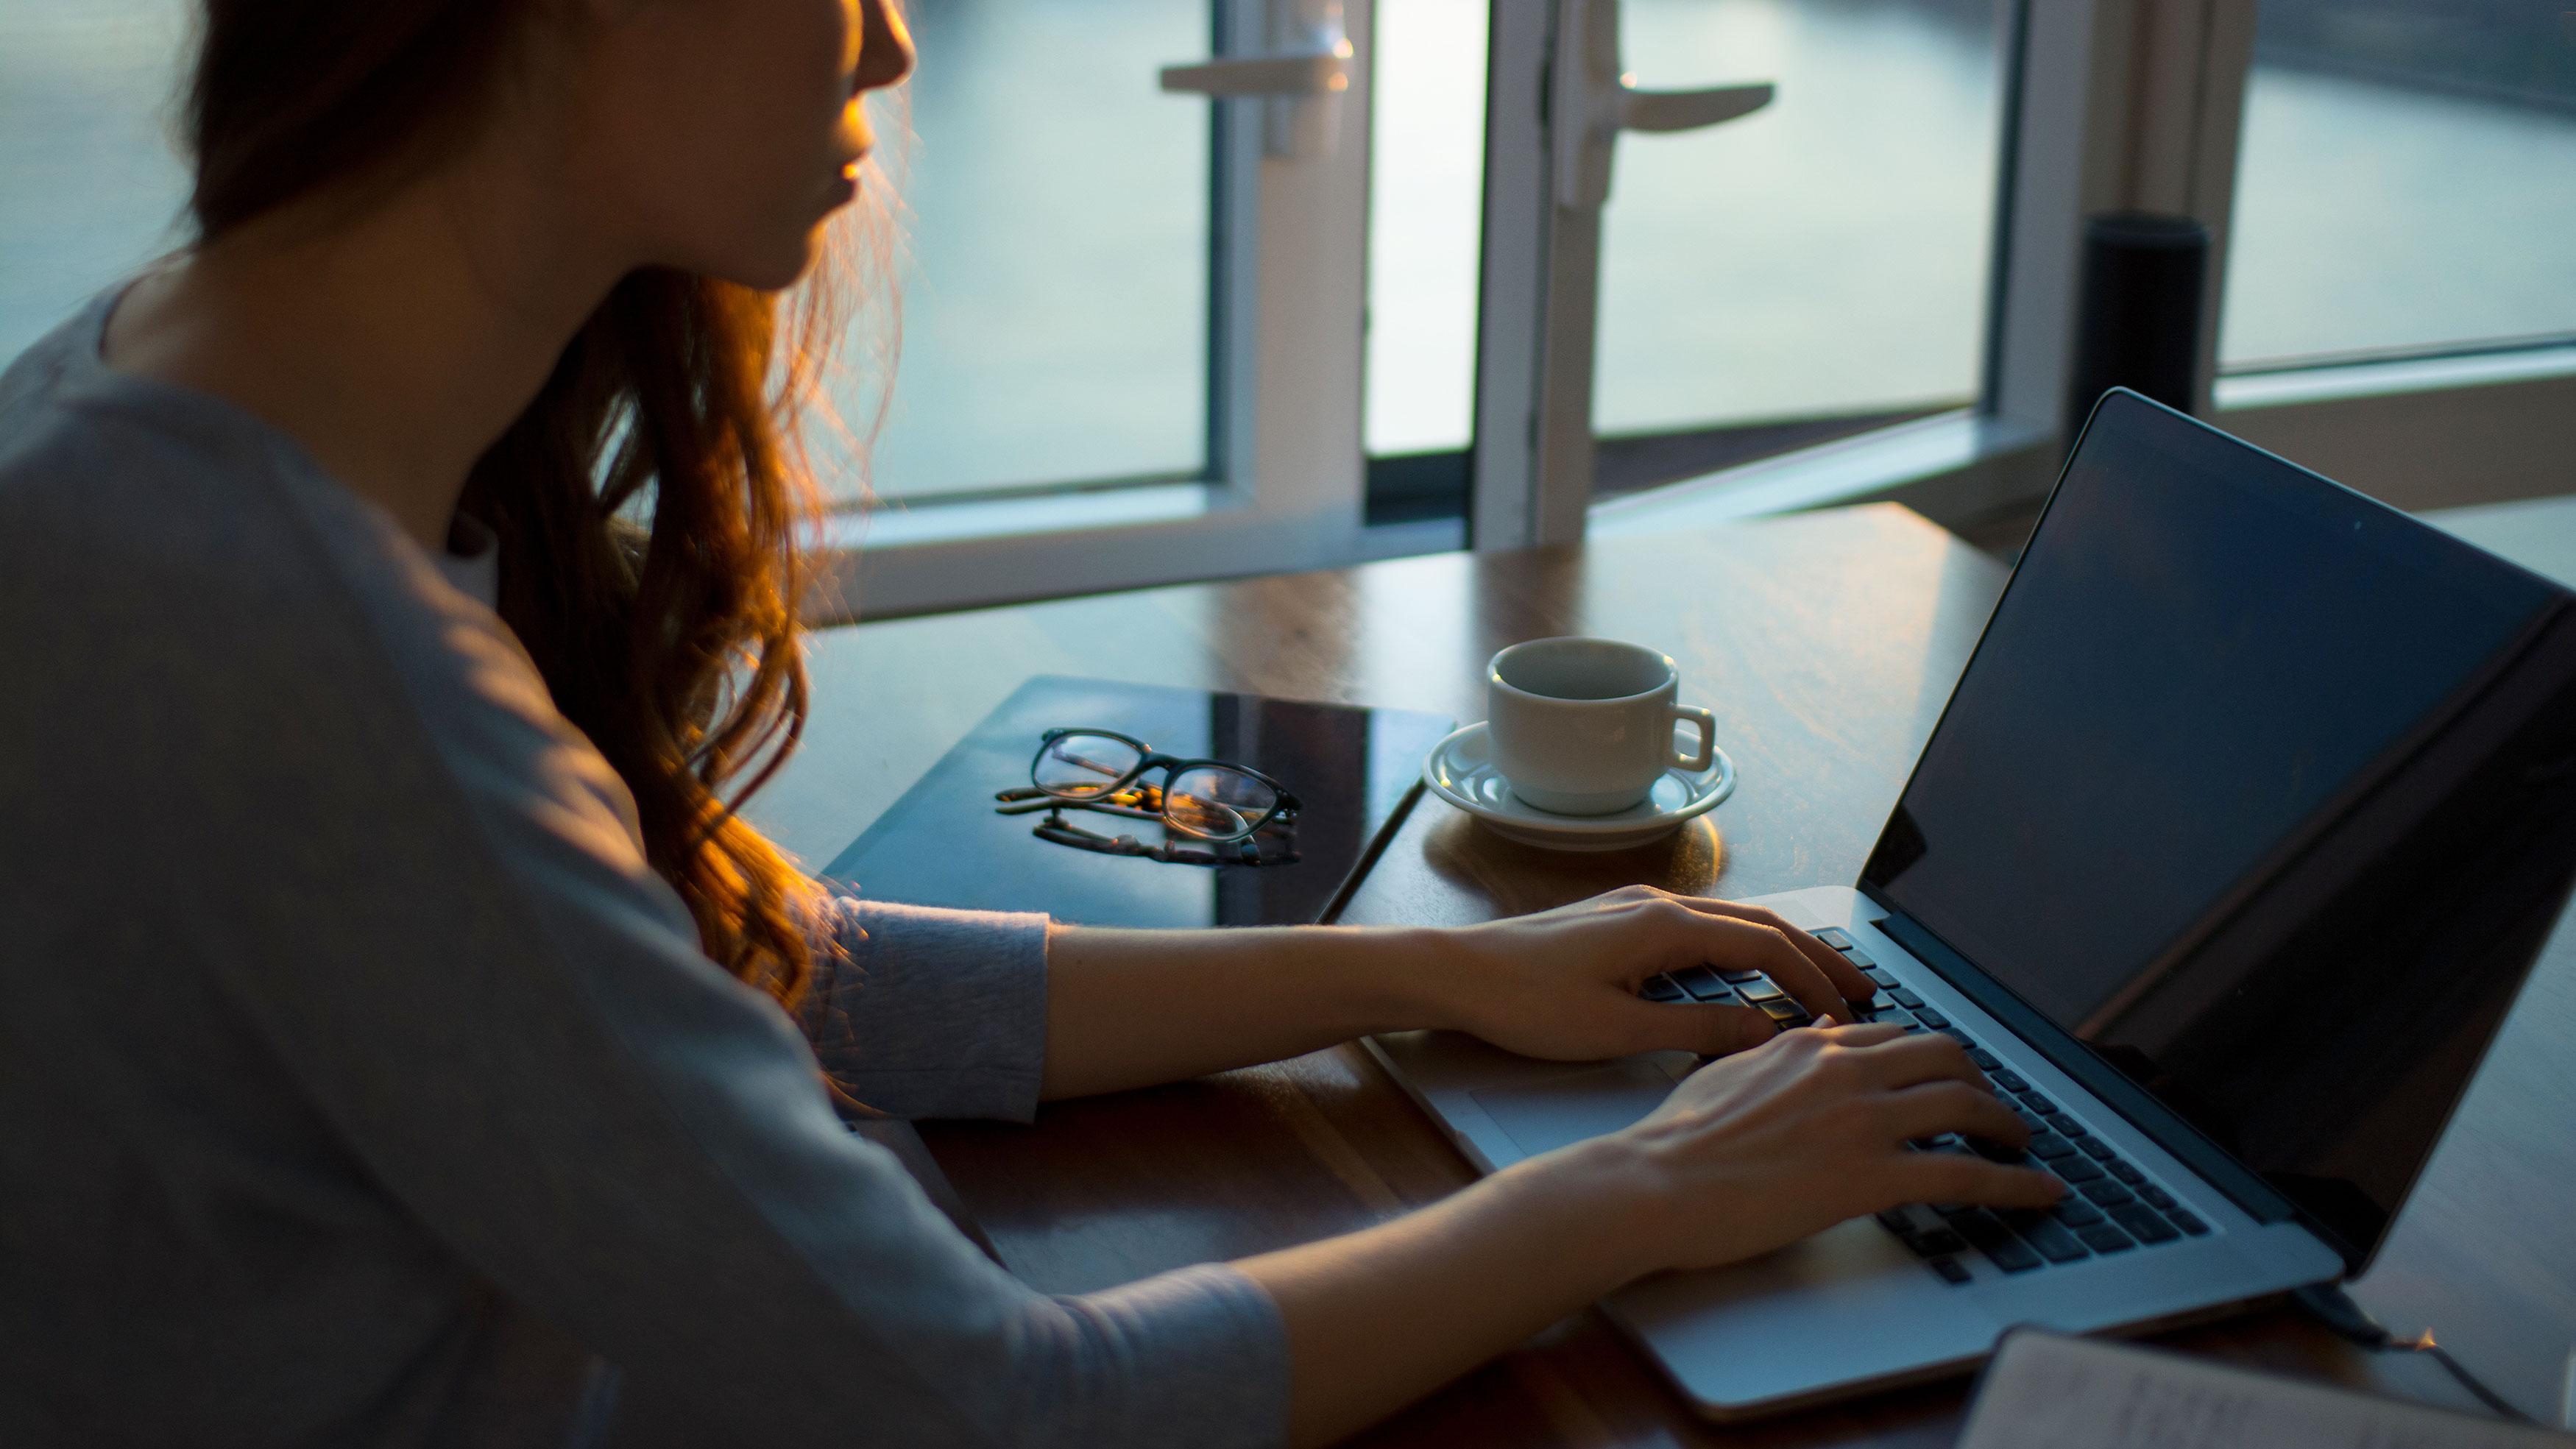 <html>  <head></head>  <body>   <p>Votre carrière vous tient en haleine constamment? Vous aimeriez trouver le temps au milieu de ce rythme effréné pour perfectionner votre anglais? Le <em>e-learning</em> est la solution toute désignée pour vous.</p>   </body> </html>